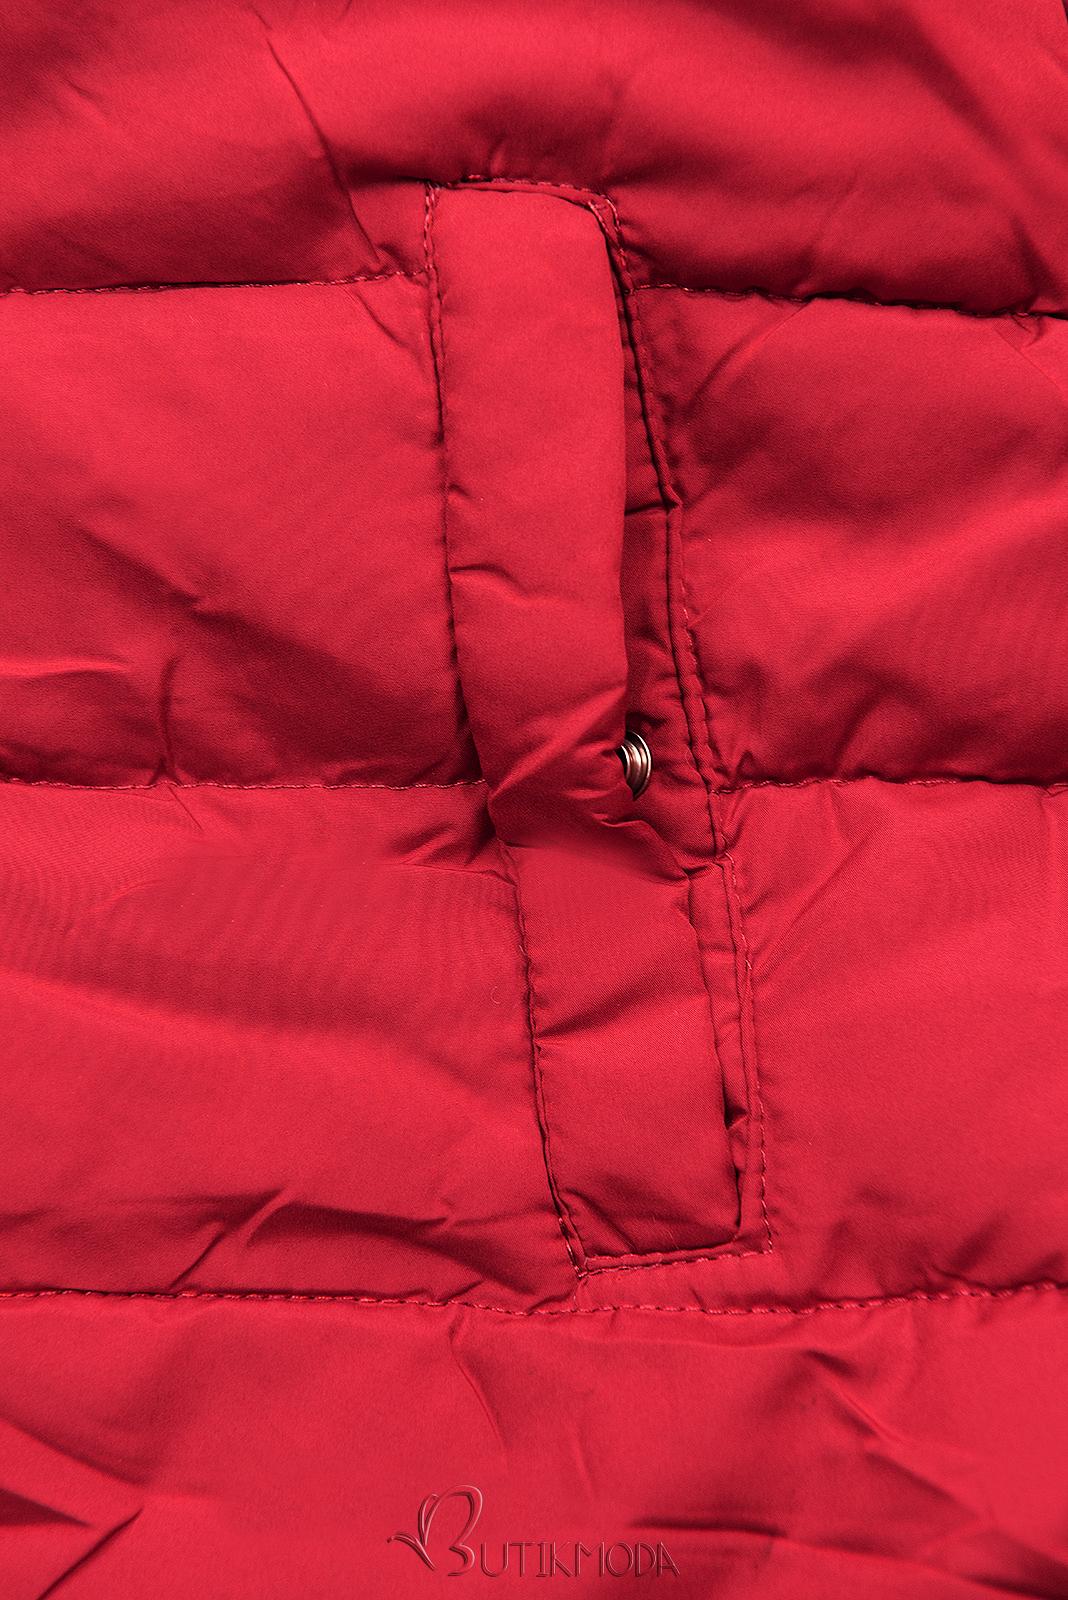 Téli kifordítható parka - sötétkék és piros  színű